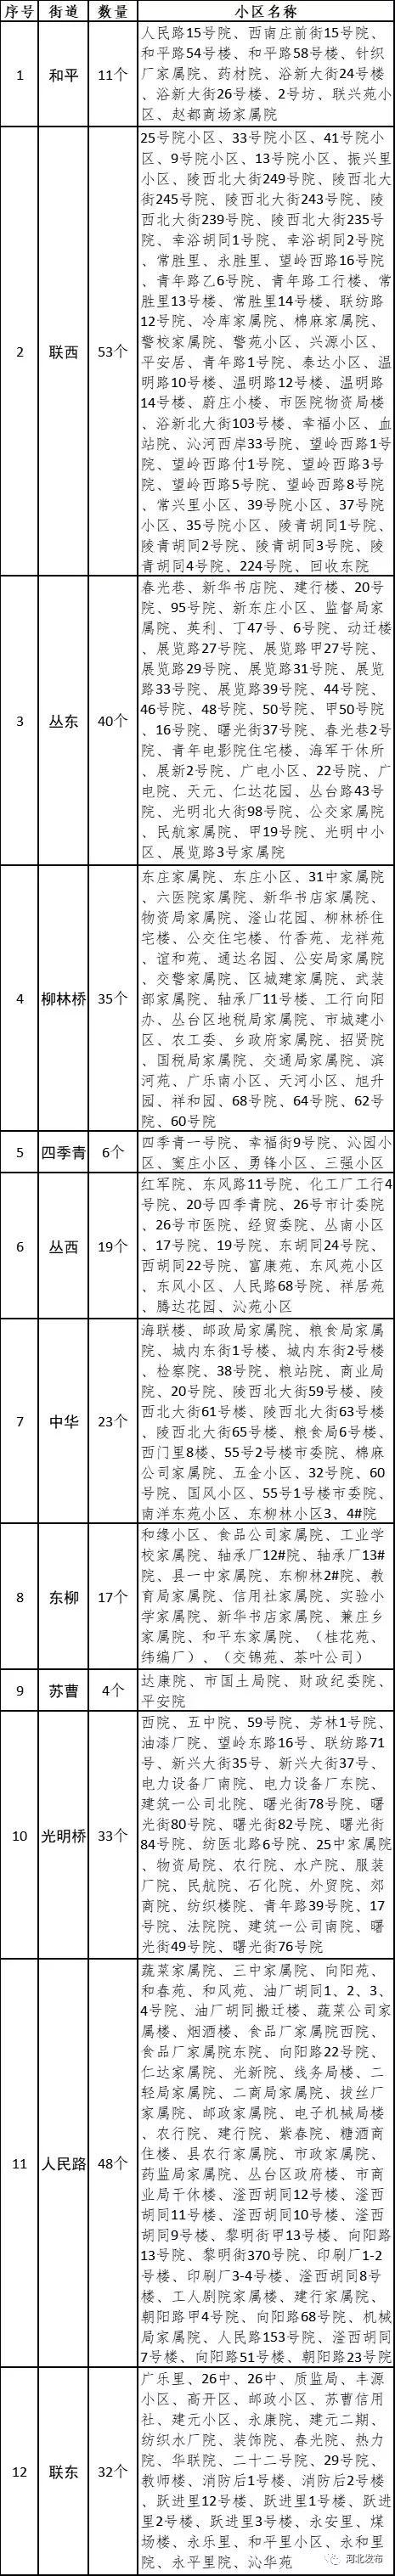 邯郸市丛台区2019年老旧小区改造提升分解表